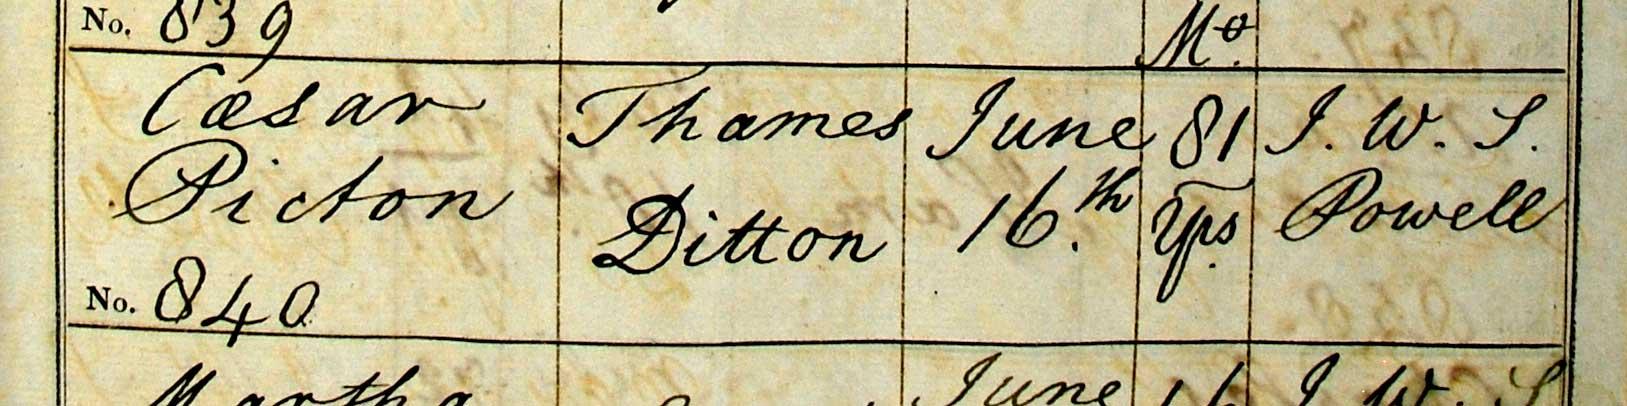 Cesar Picton's entry in the Kingston burial register. SHC REF: P33/1/32